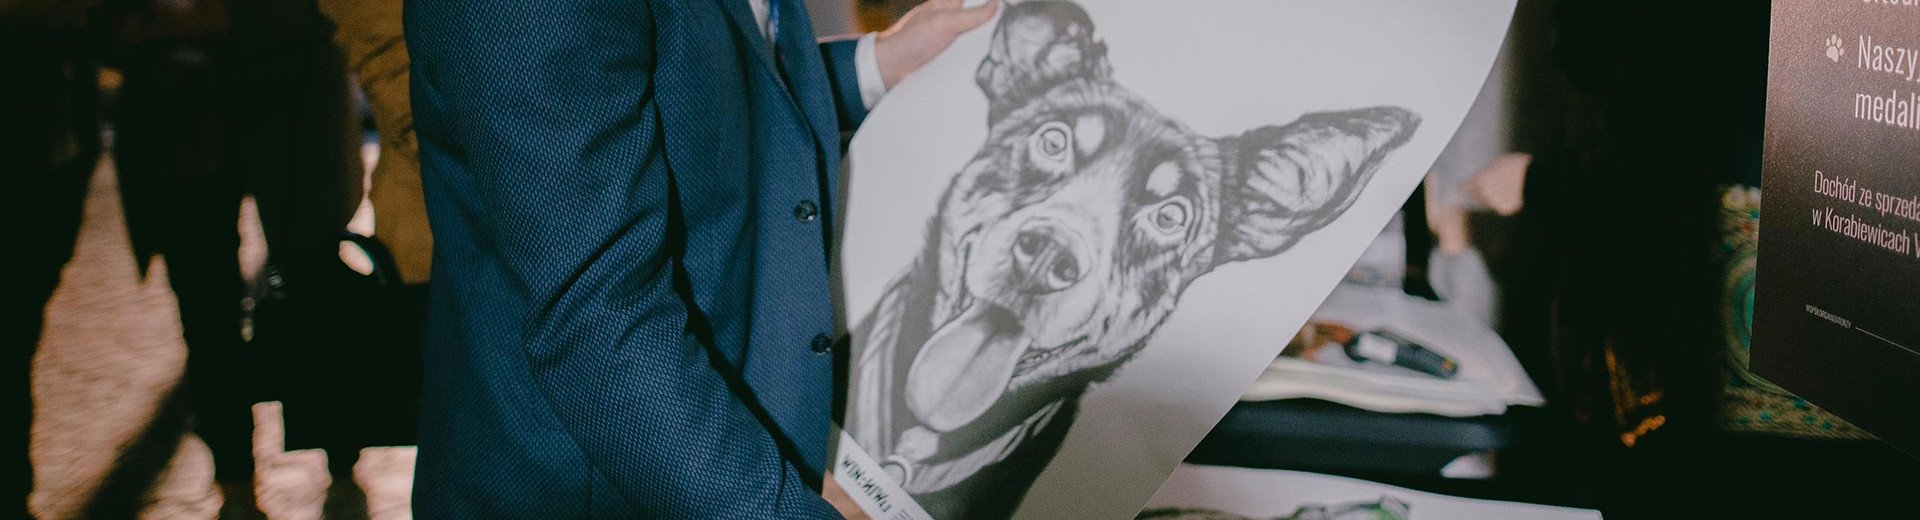 Okładka artykułu Portrety, które mogą zmienić los psów ze schroniska — Zapraszamy na charytatywny wernisaż Michała Torzeckiego – Win:Win